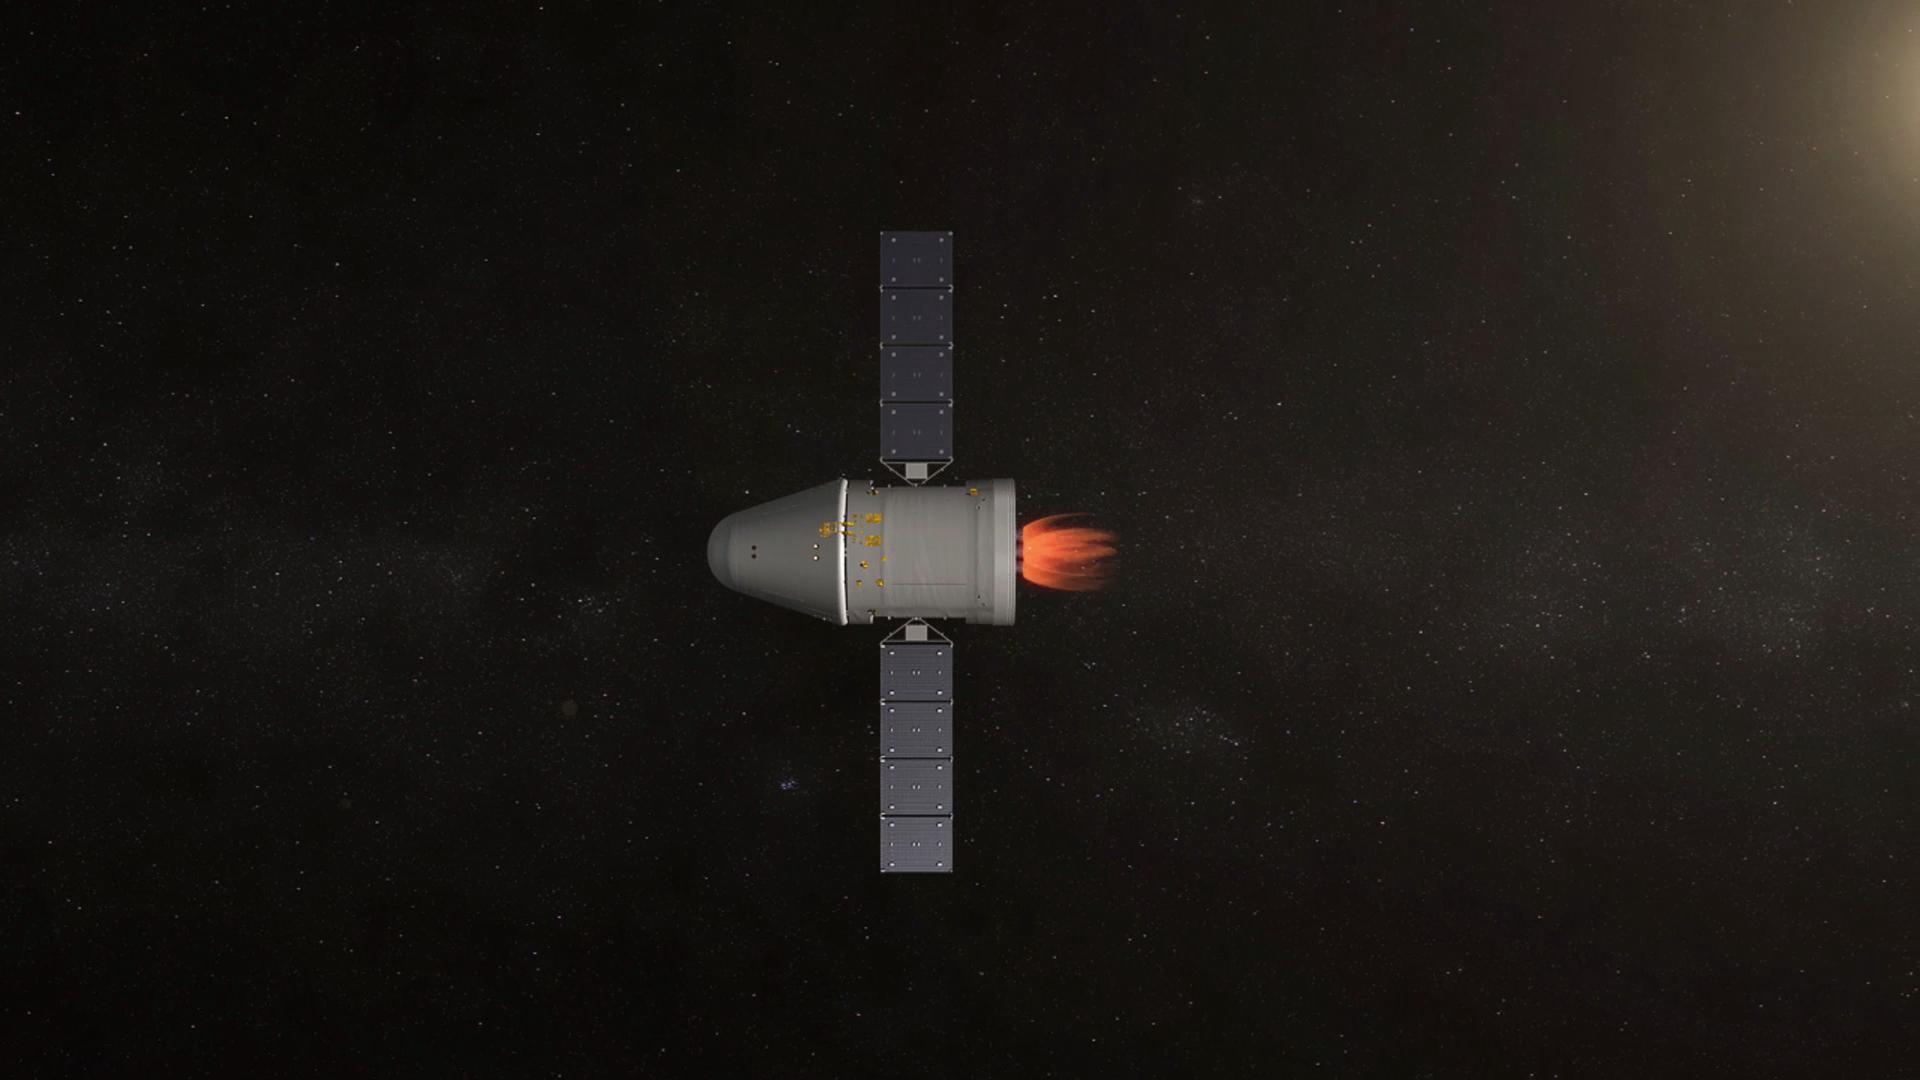 新一代载人飞船试验船在轨工作正常 8日将返回地面图片